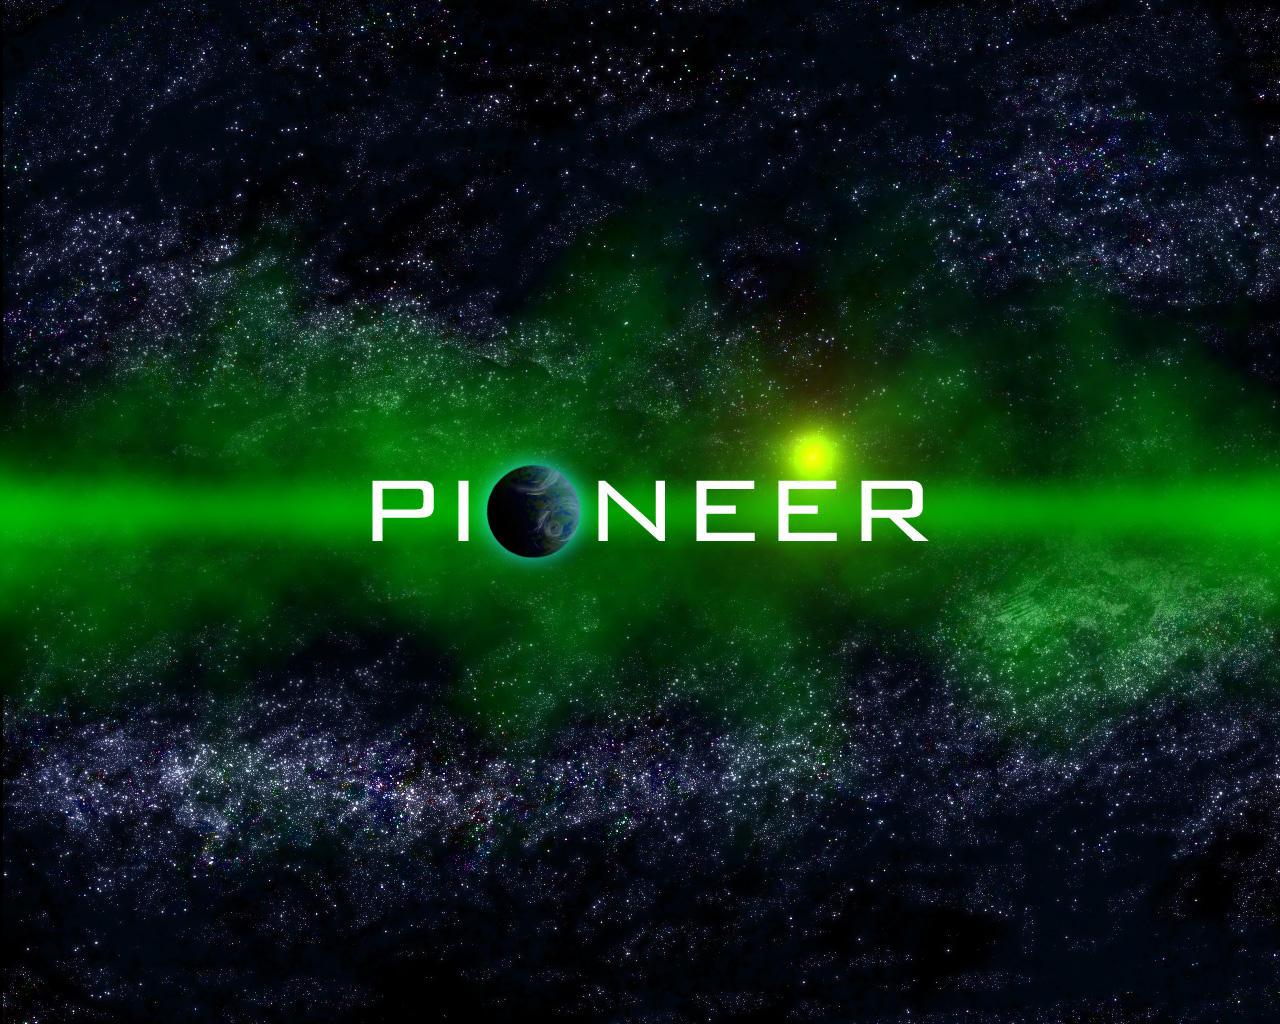 pioneer logo wallpaper wwwpixsharkcom images